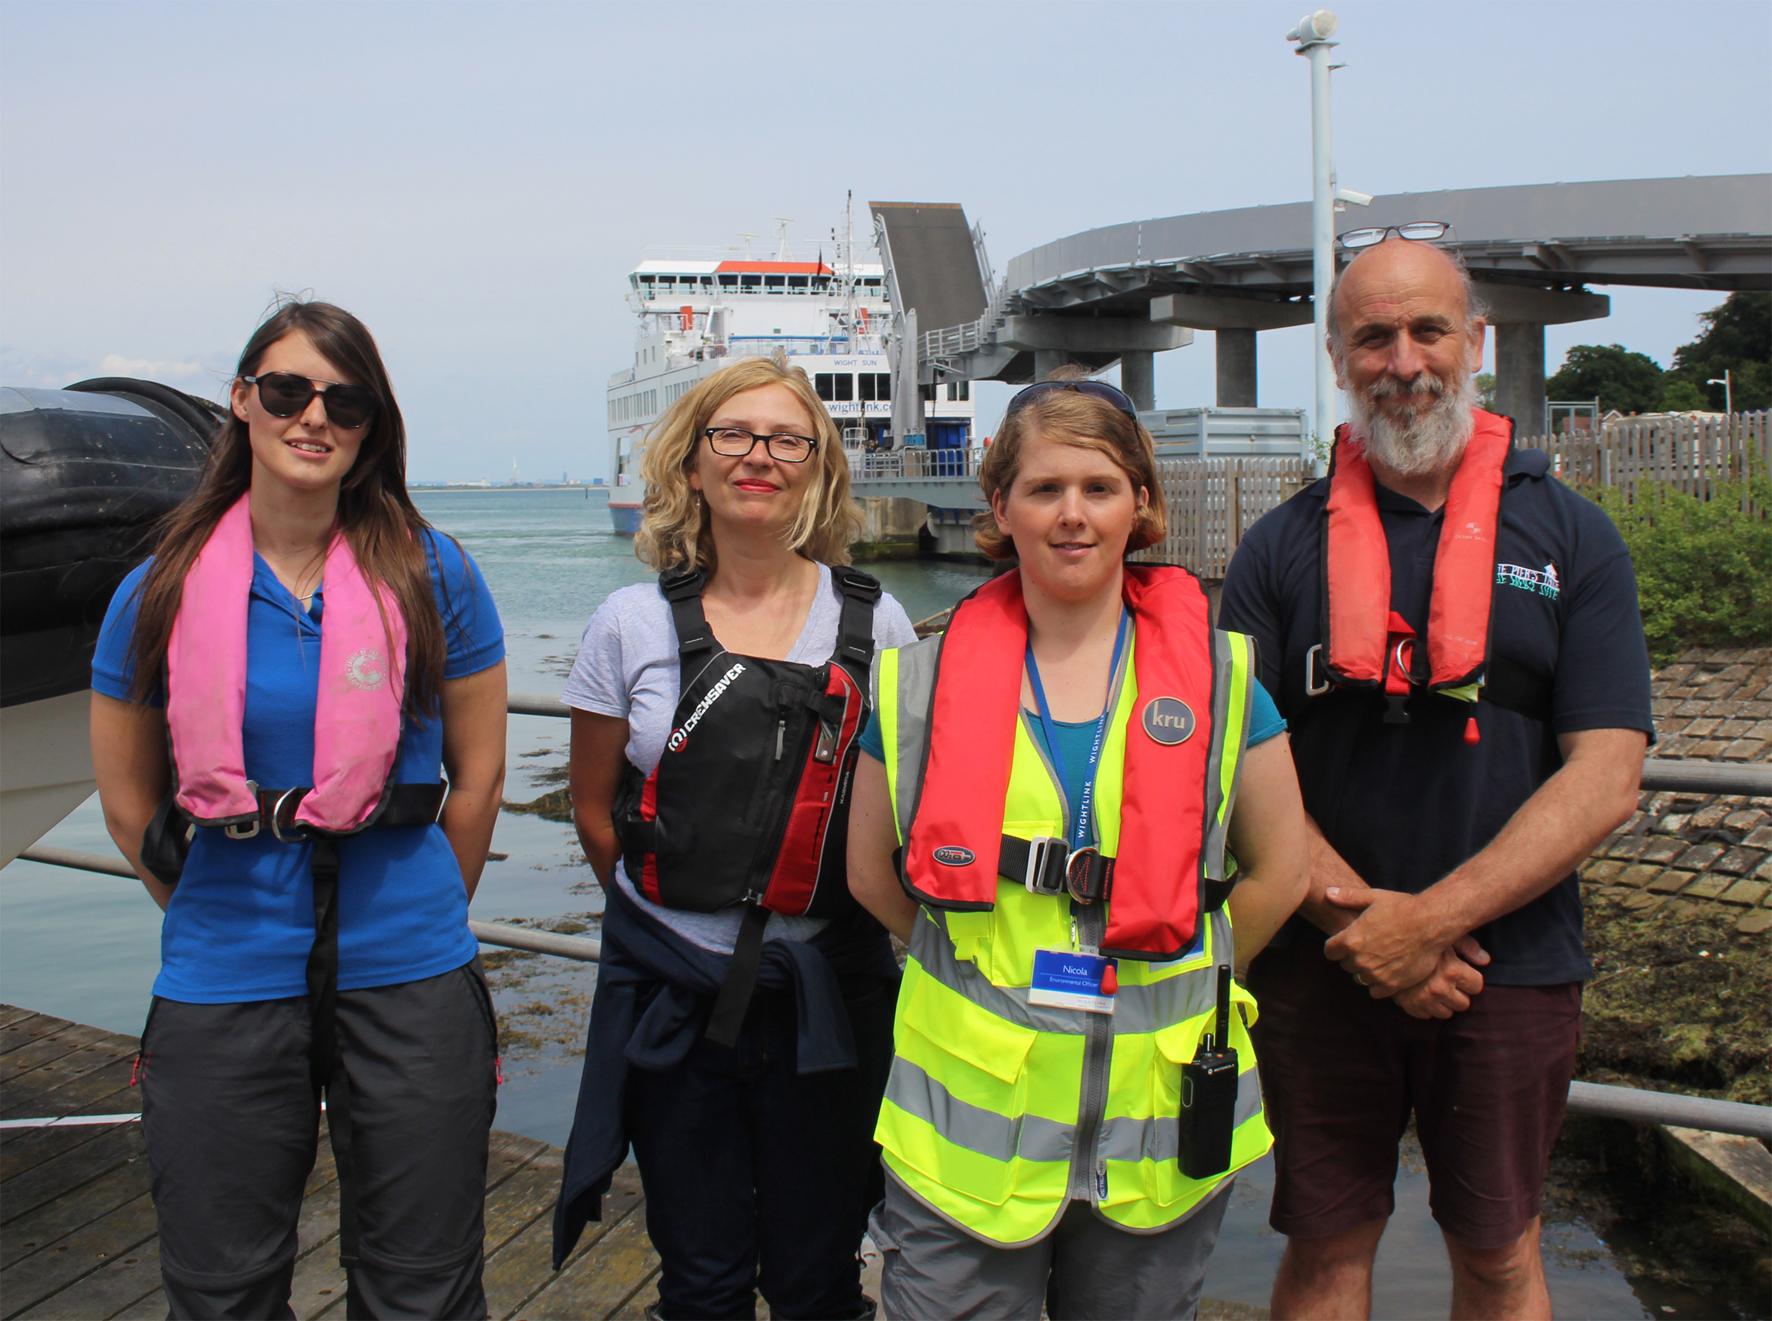 Boat trip Alice Hall, Claire Hector, Nicola Craig, Ian Boyd.jpg